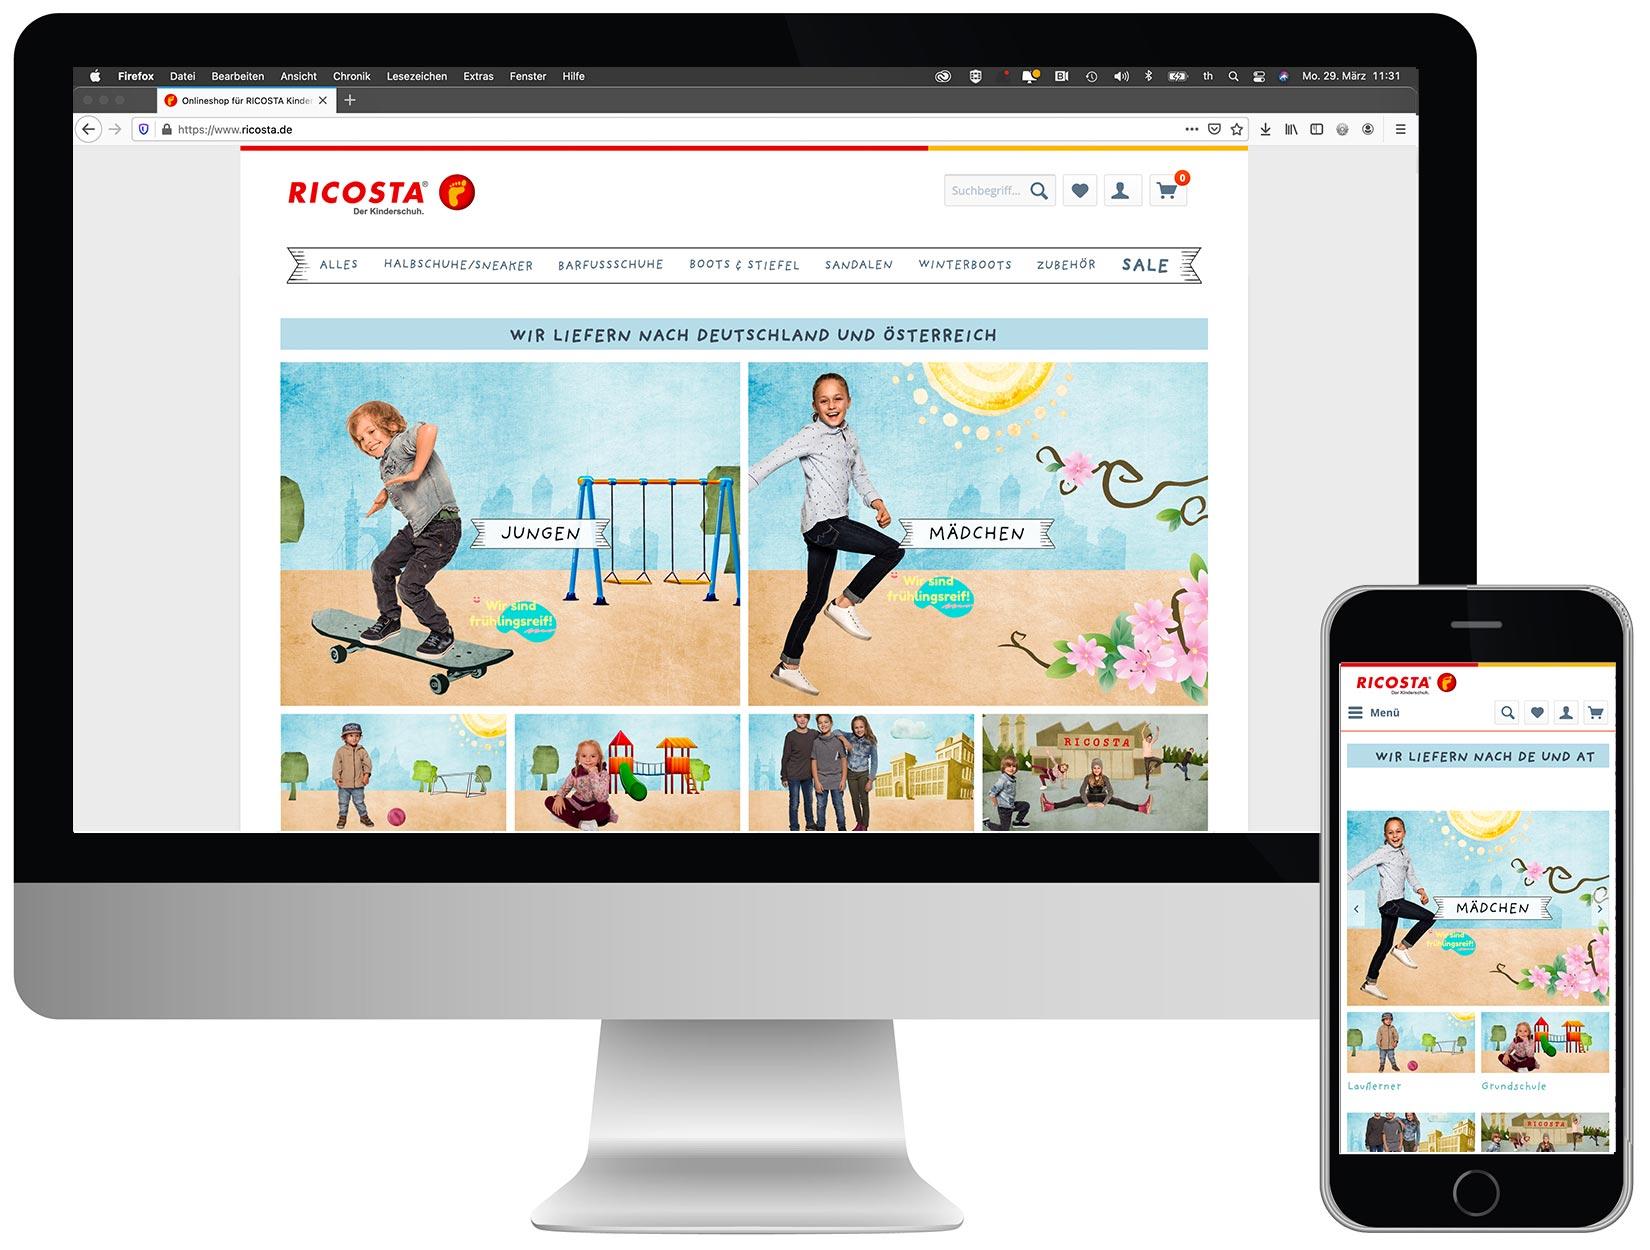 RICOSTA-kinderschuhe-onlineshop